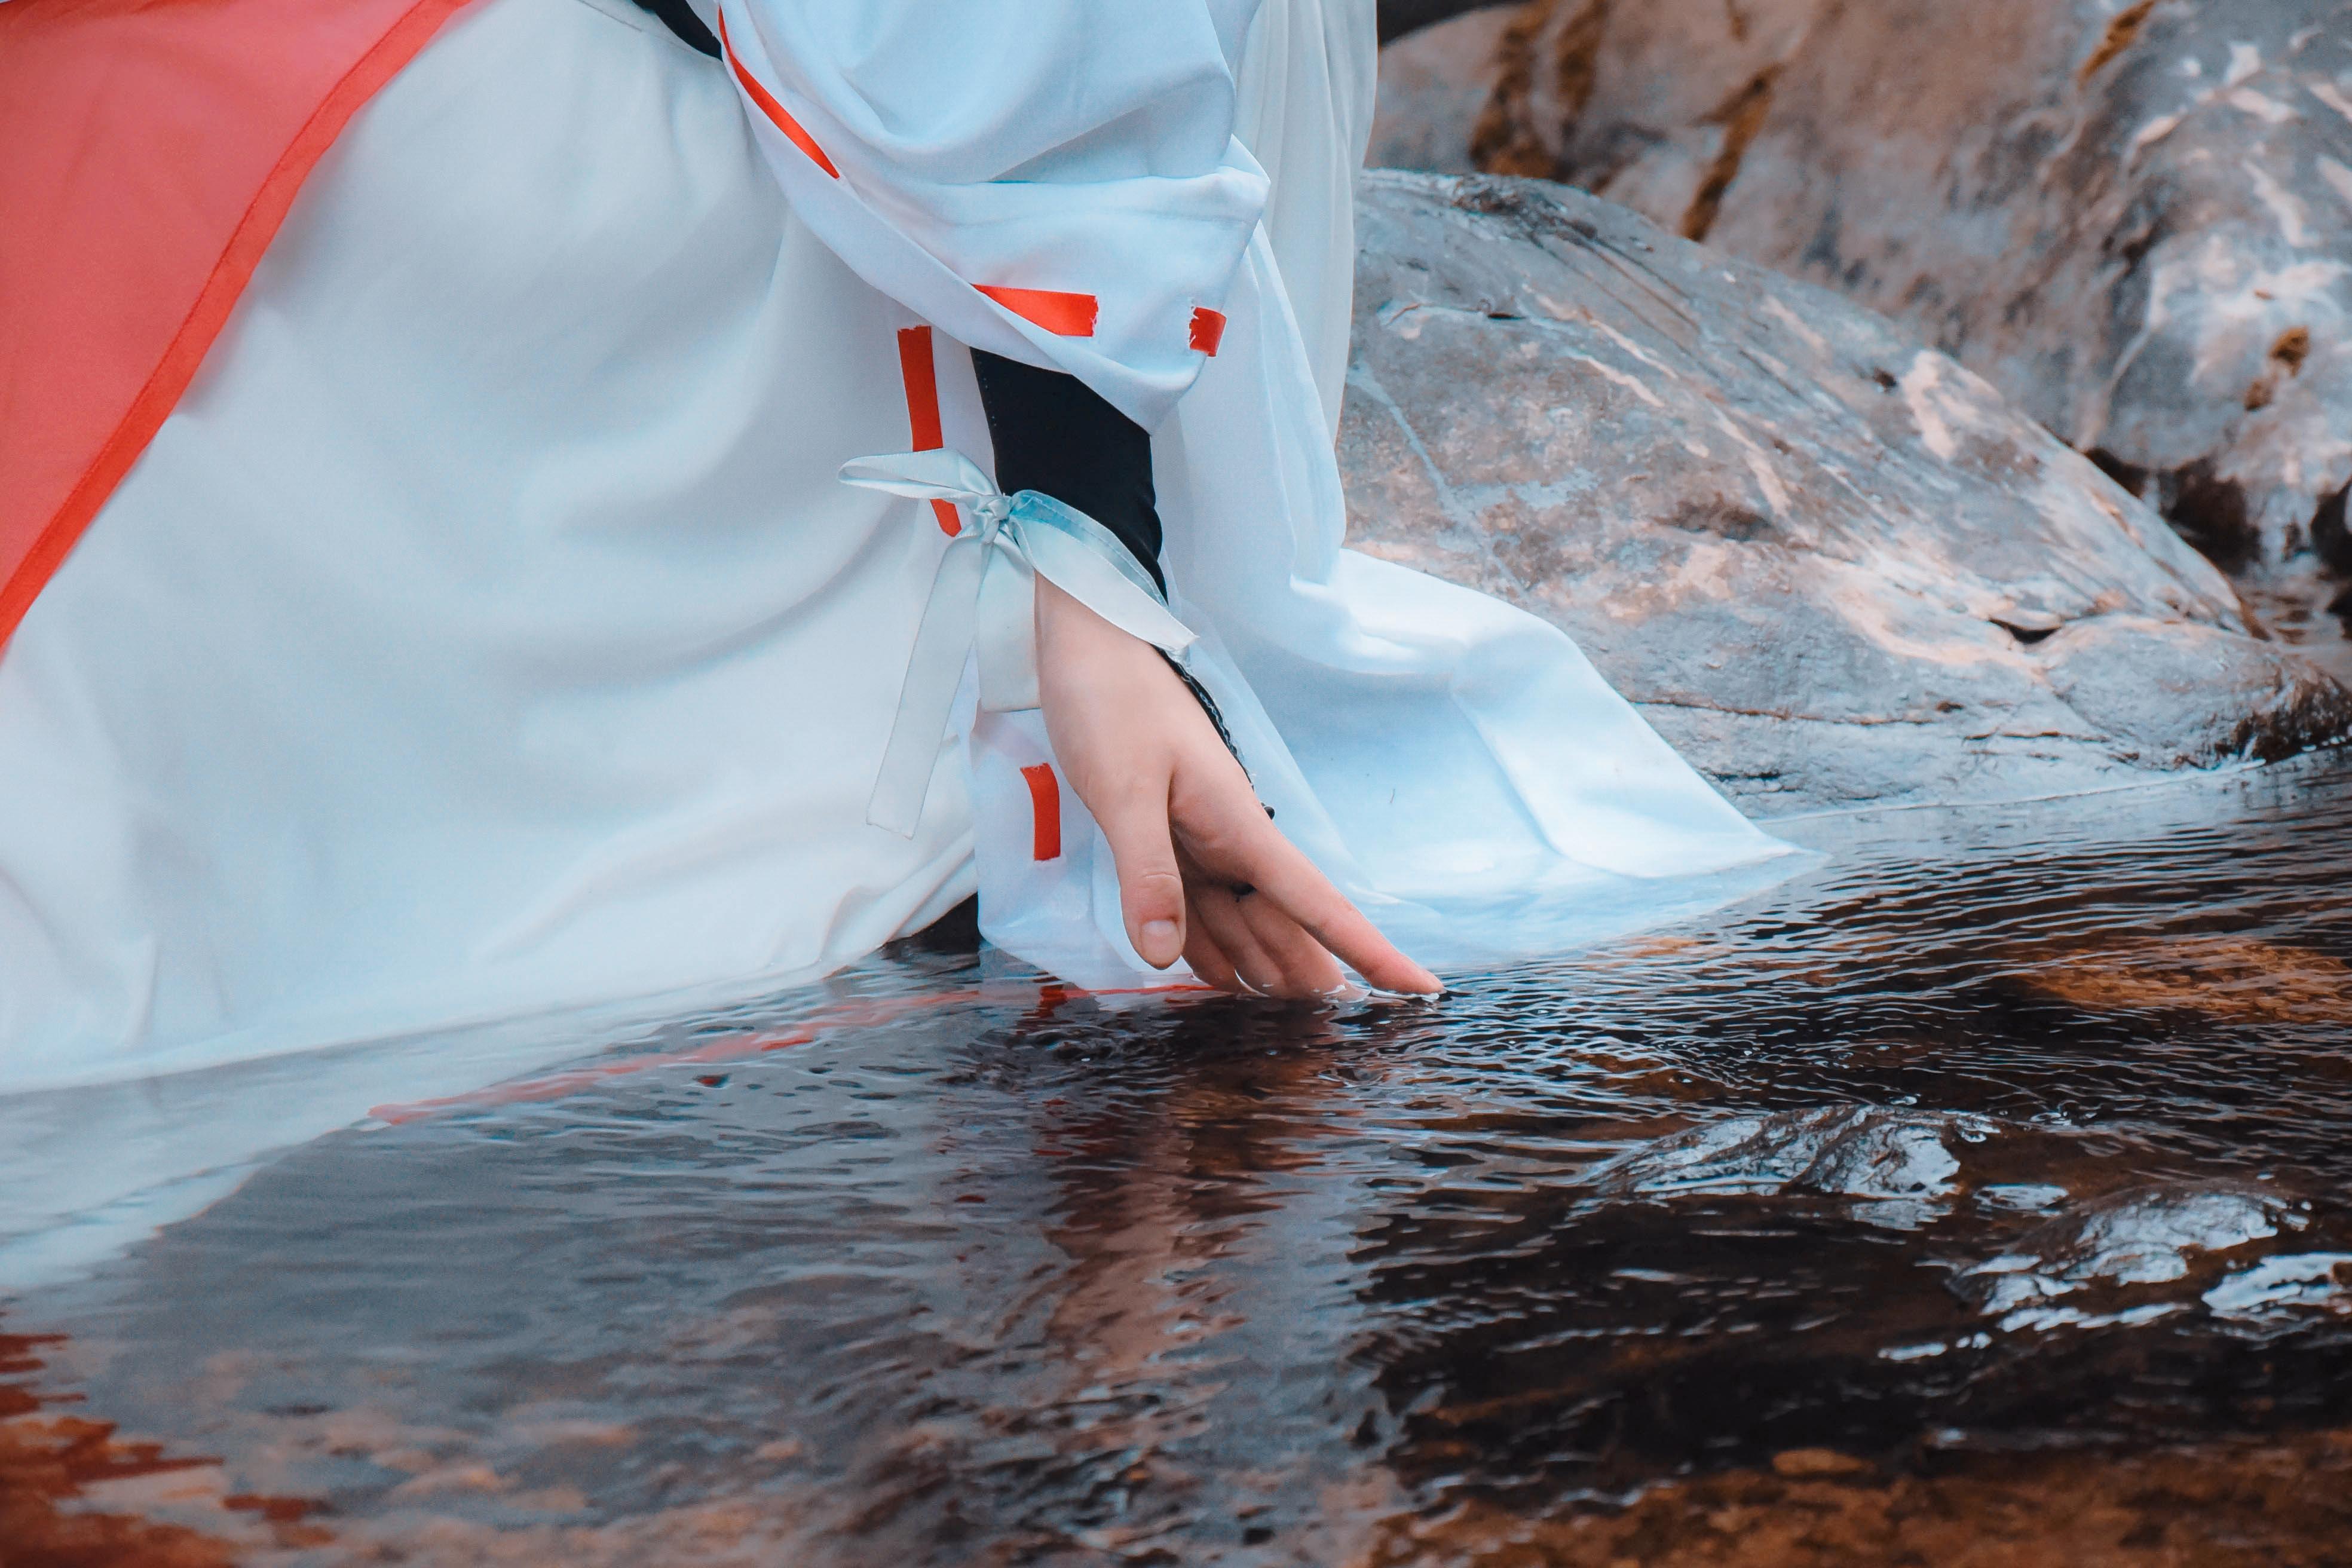 《刀剑乱舞》刀剑乱舞石切丸cosplay【CN:目良】-第1张